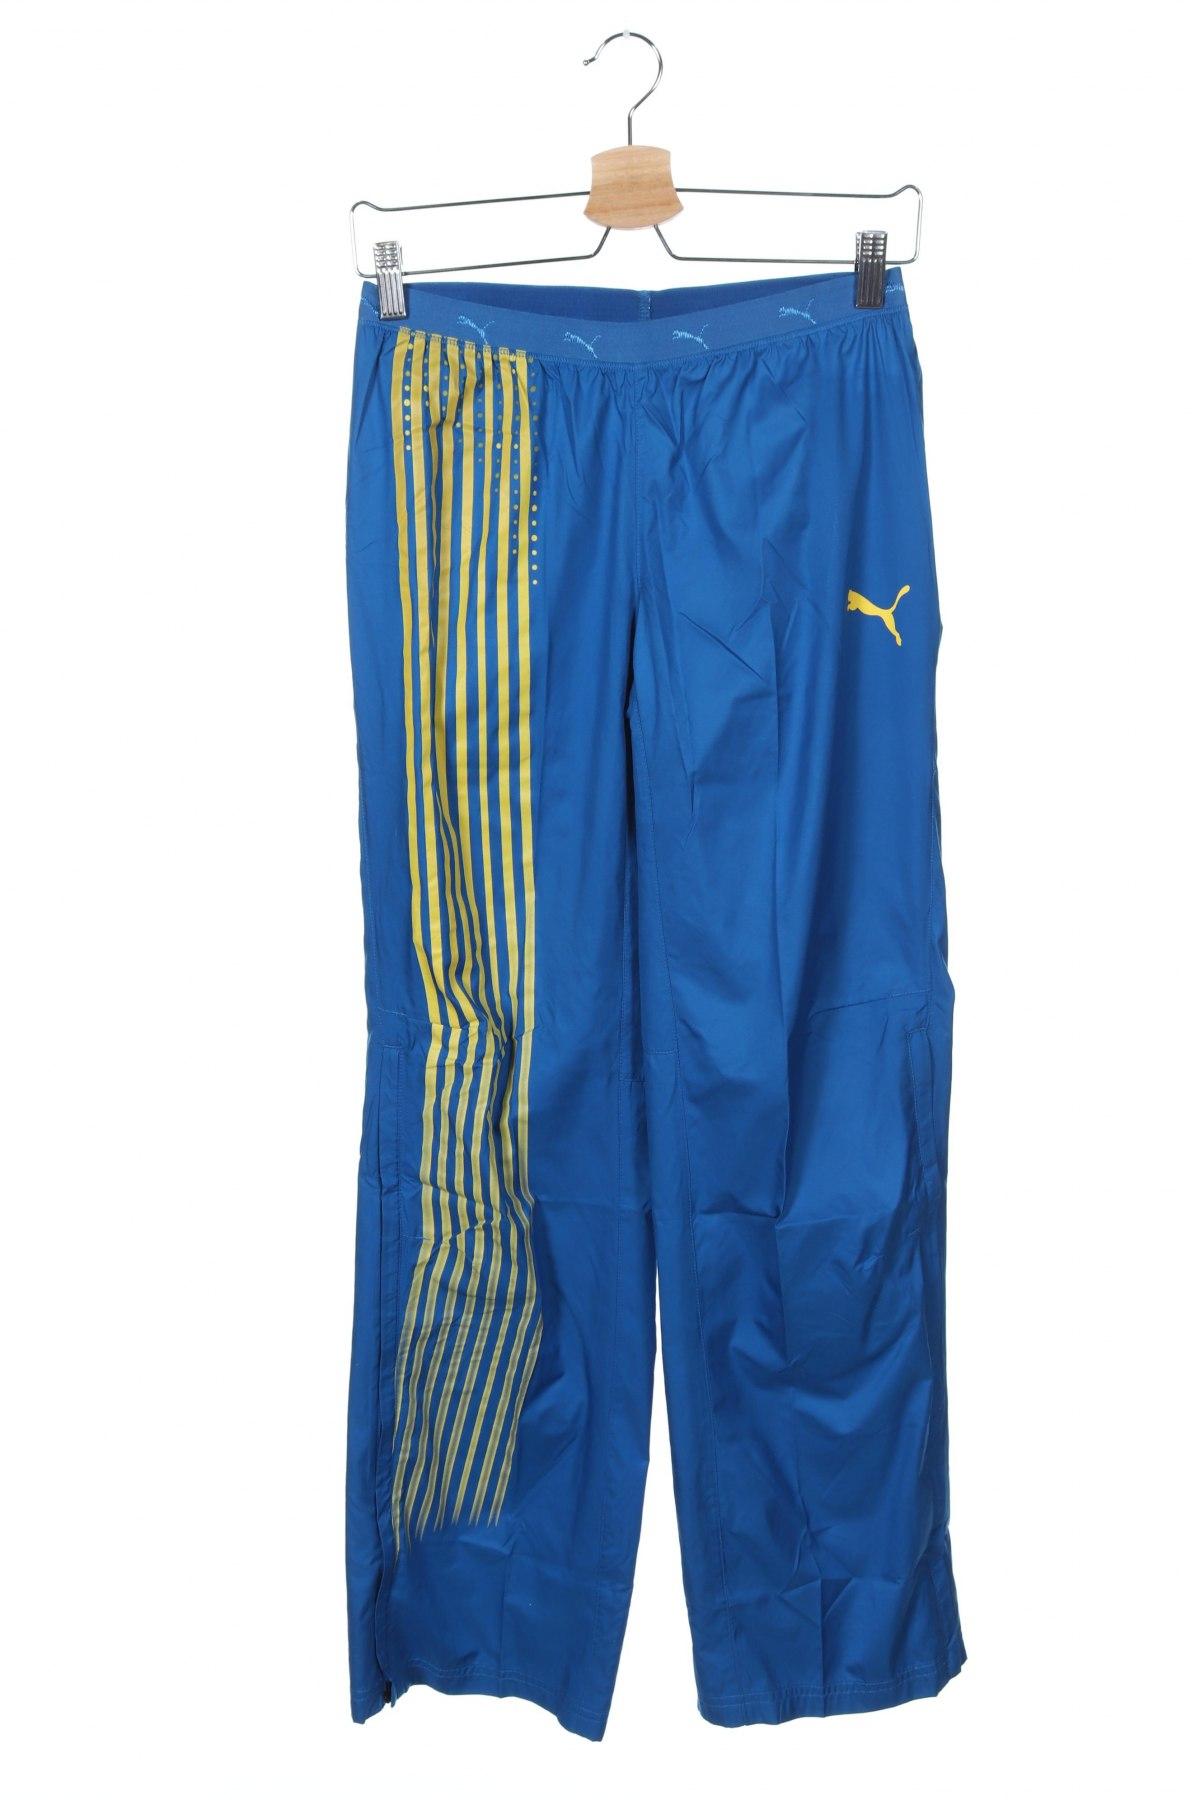 Γυναικείο αθλητικό παντελόνι PUMA, Μέγεθος XS, Χρώμα Μπλέ, Πολυεστέρας, Τιμή 27,21€